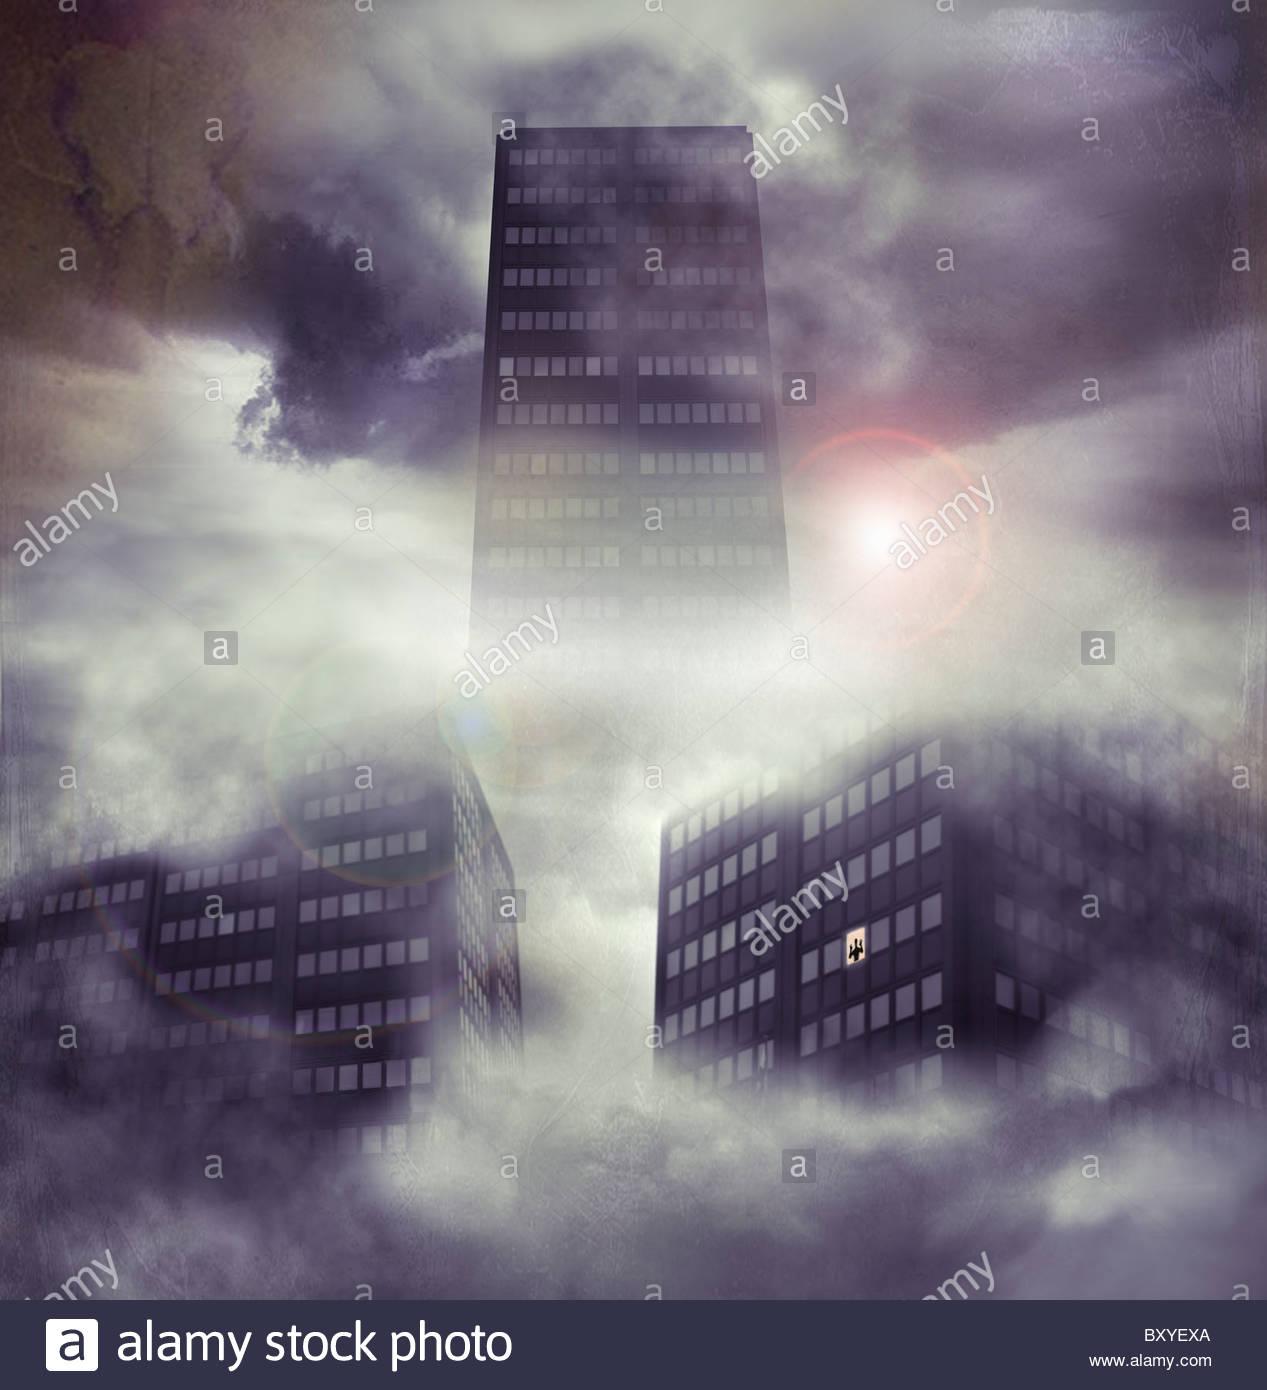 La torre di blocchi in cielo con piccola figura in corrispondenza della finestra Immagini Stock